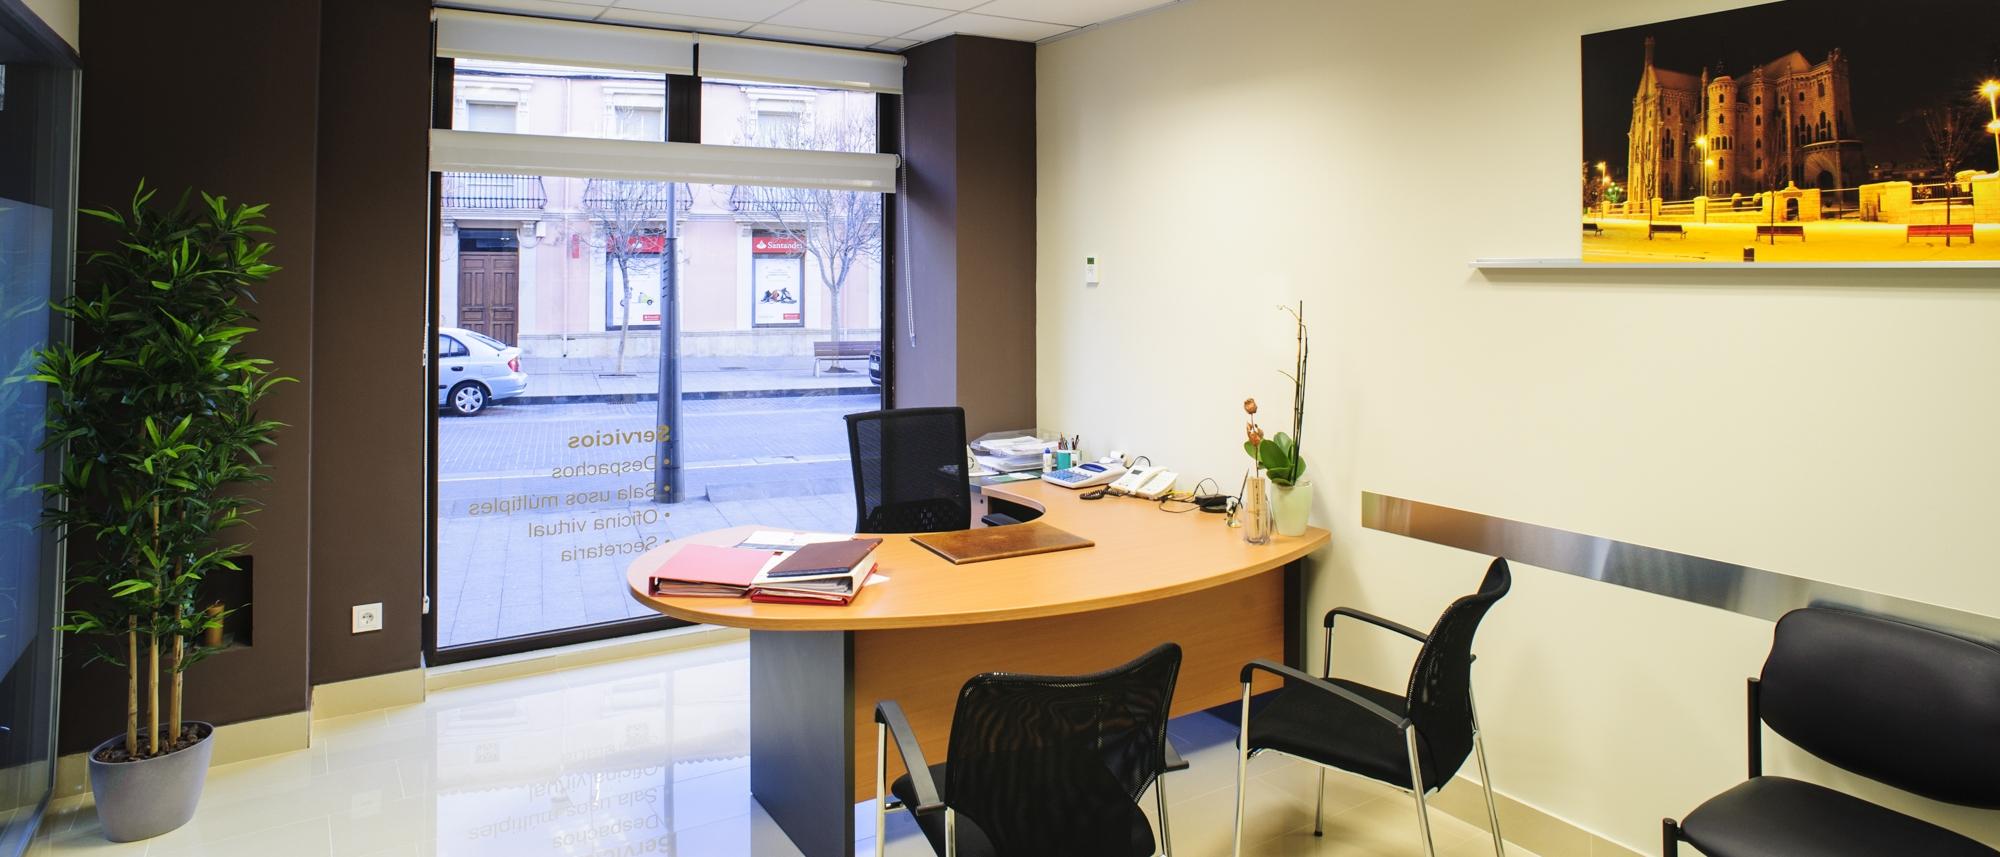 Alquiler de despachos su oficina al instante quatro for Alquiler de mobiliario de oficina